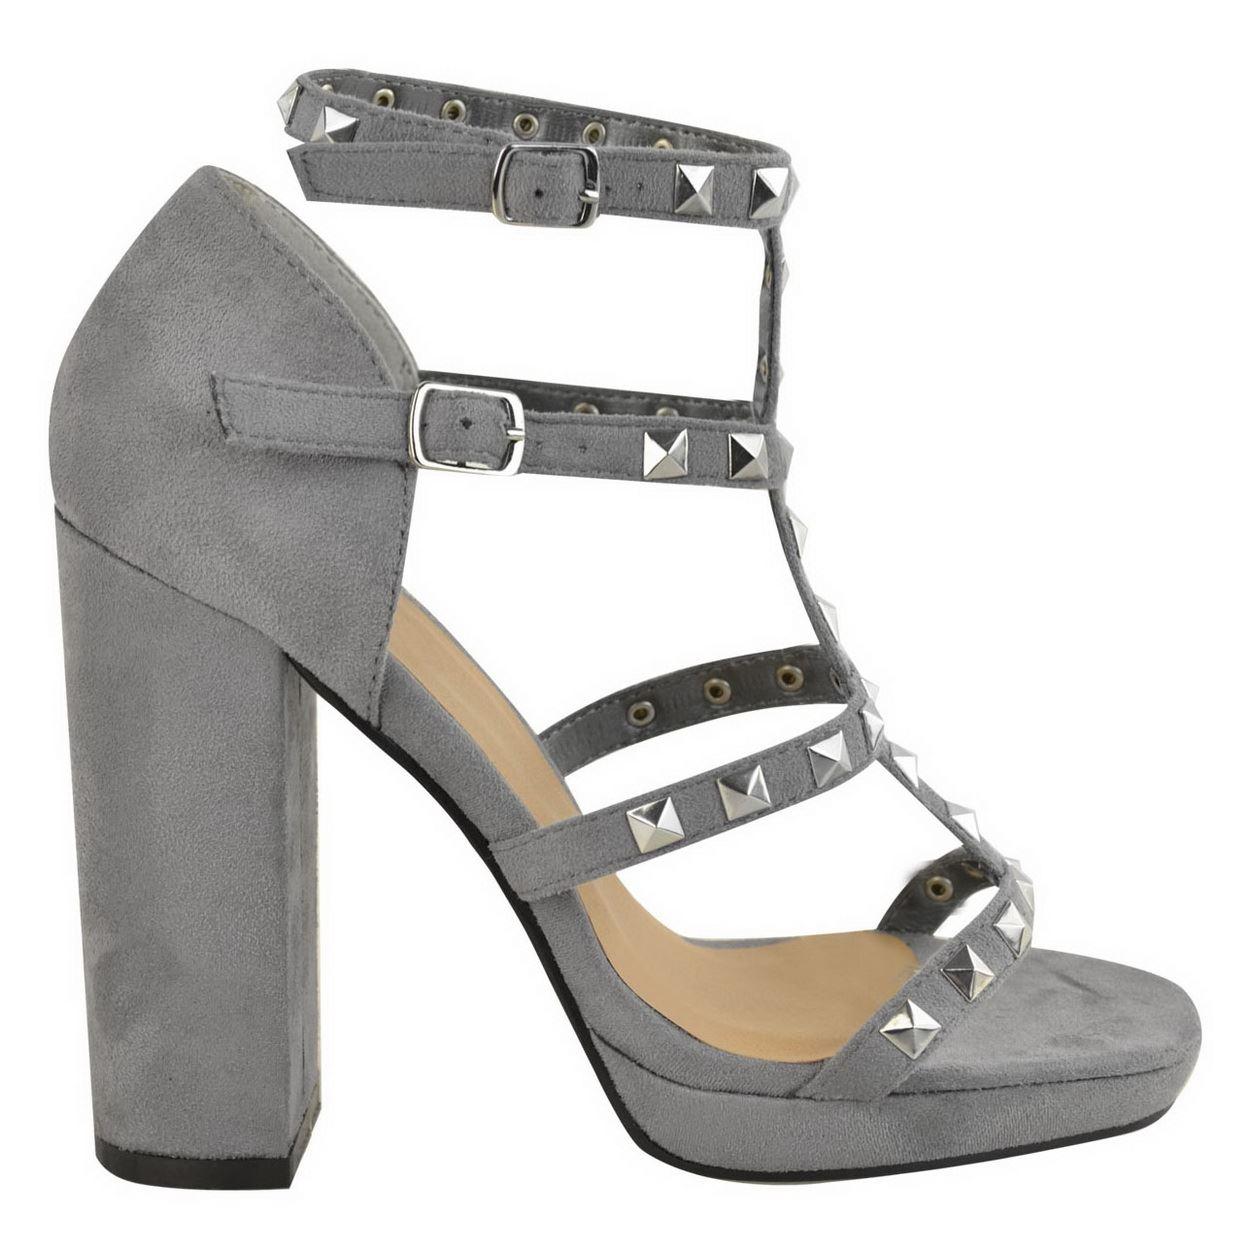 Femme Plateforme Talon Bloc Clous Sandales Femme Bride Cheville Sangle Sandales Chaussures Taille